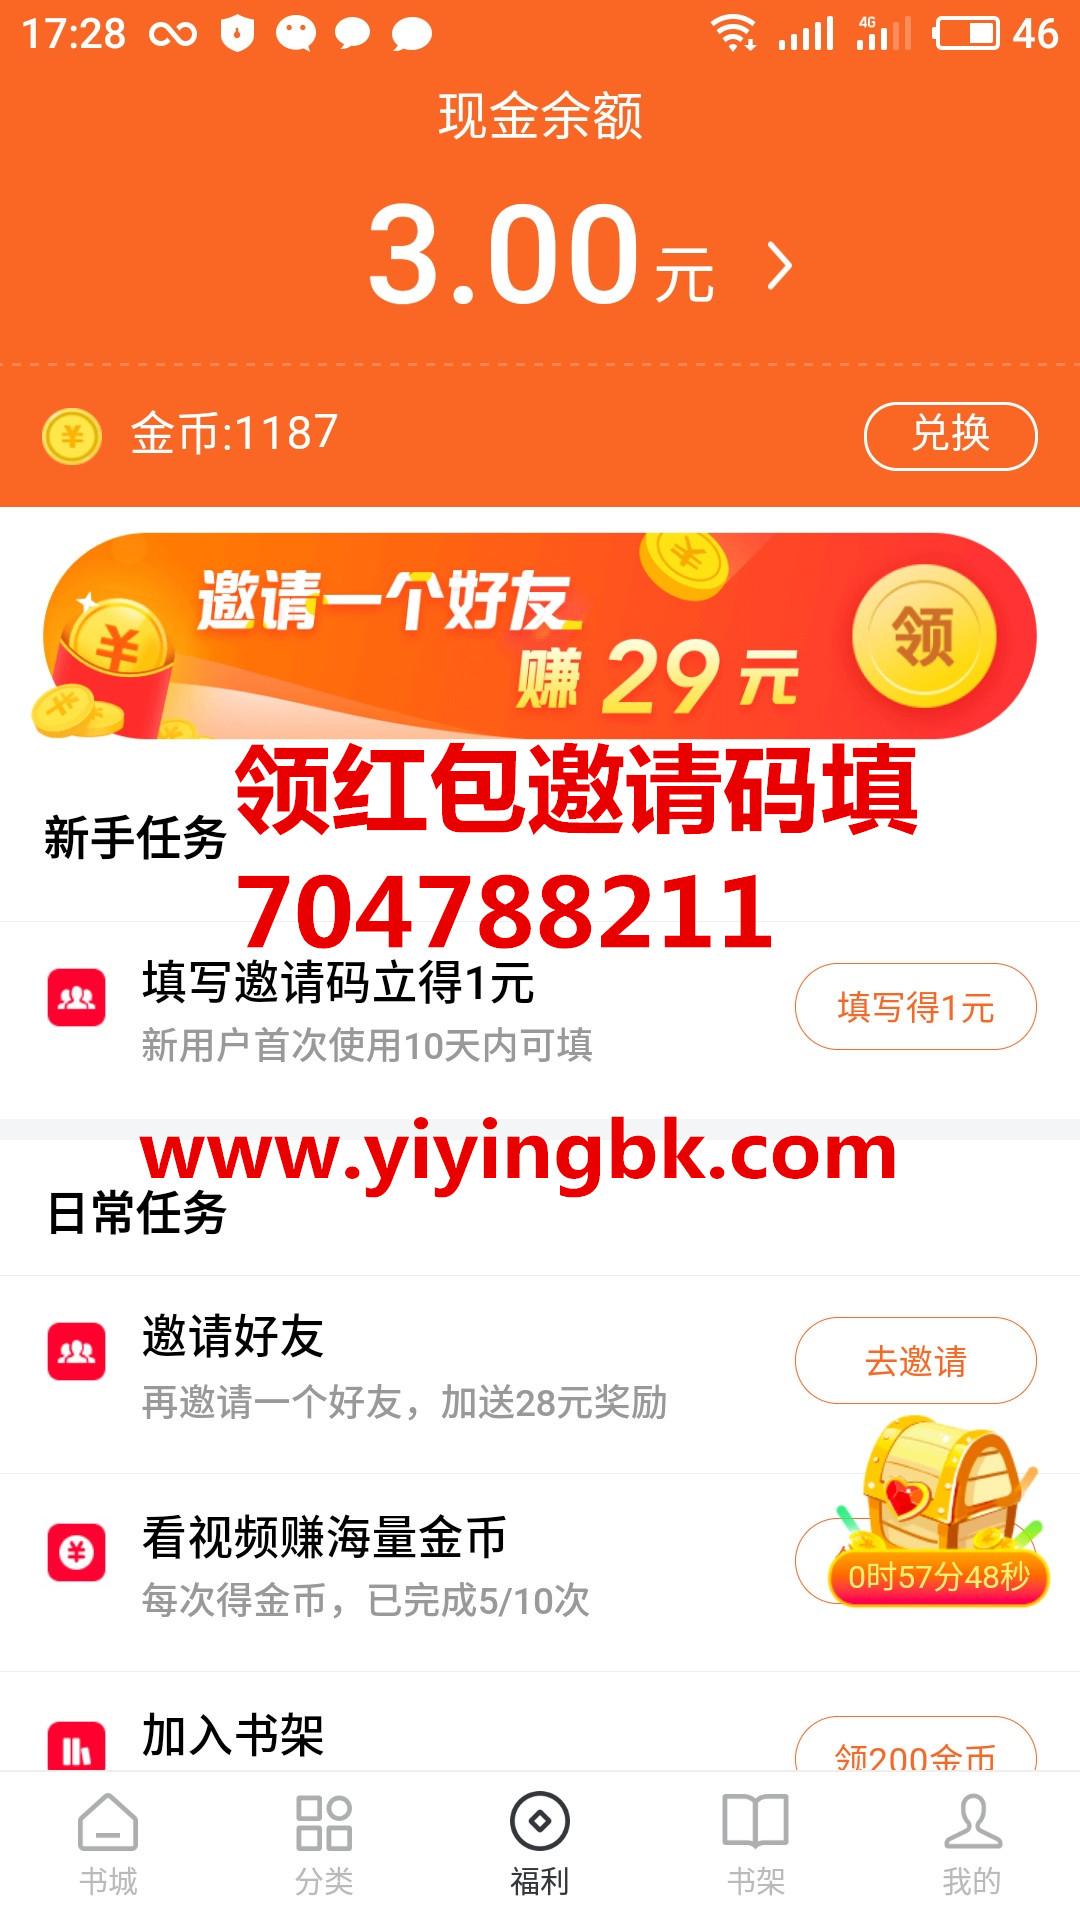 红果免费小说领红包邀请码704788211